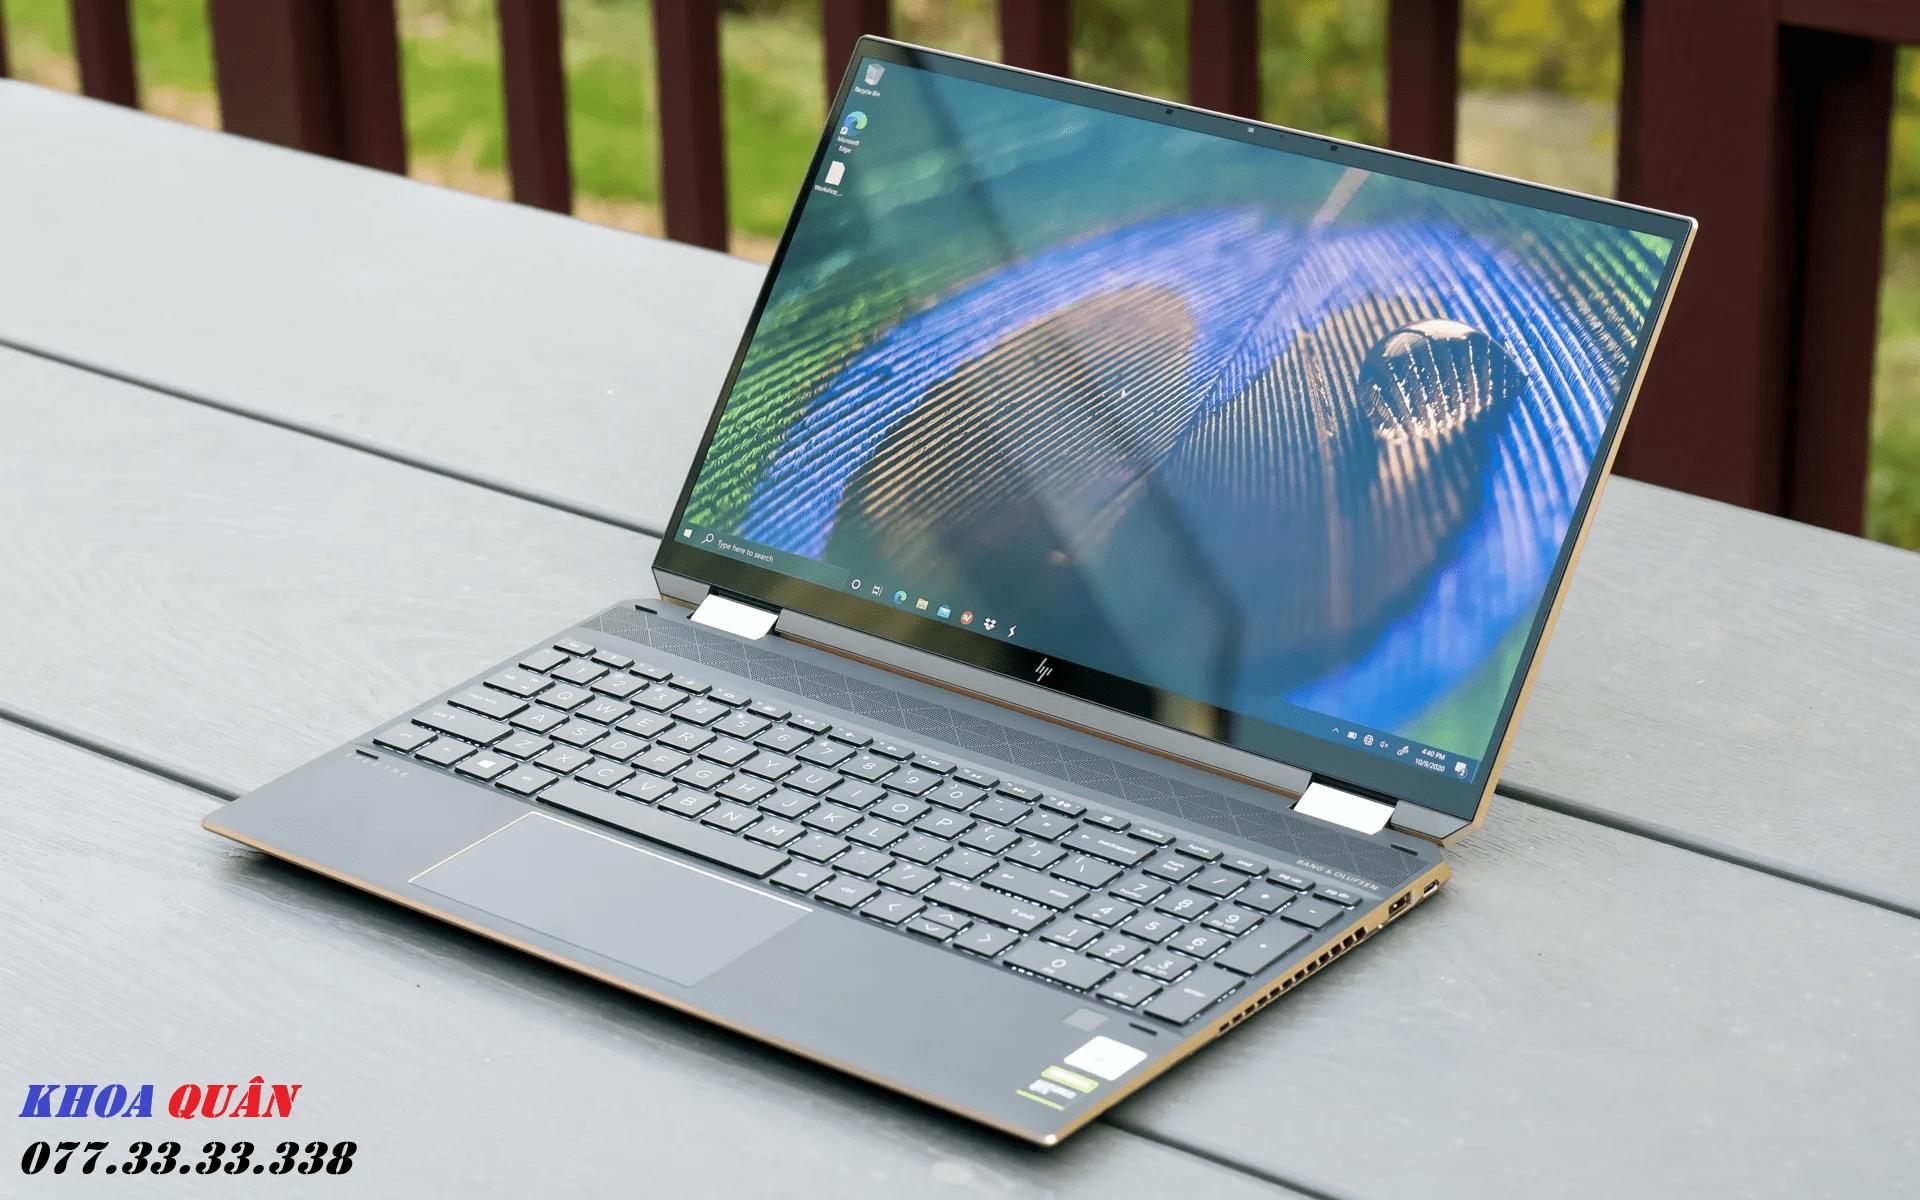 laptop HP Spectre x360 15 inch